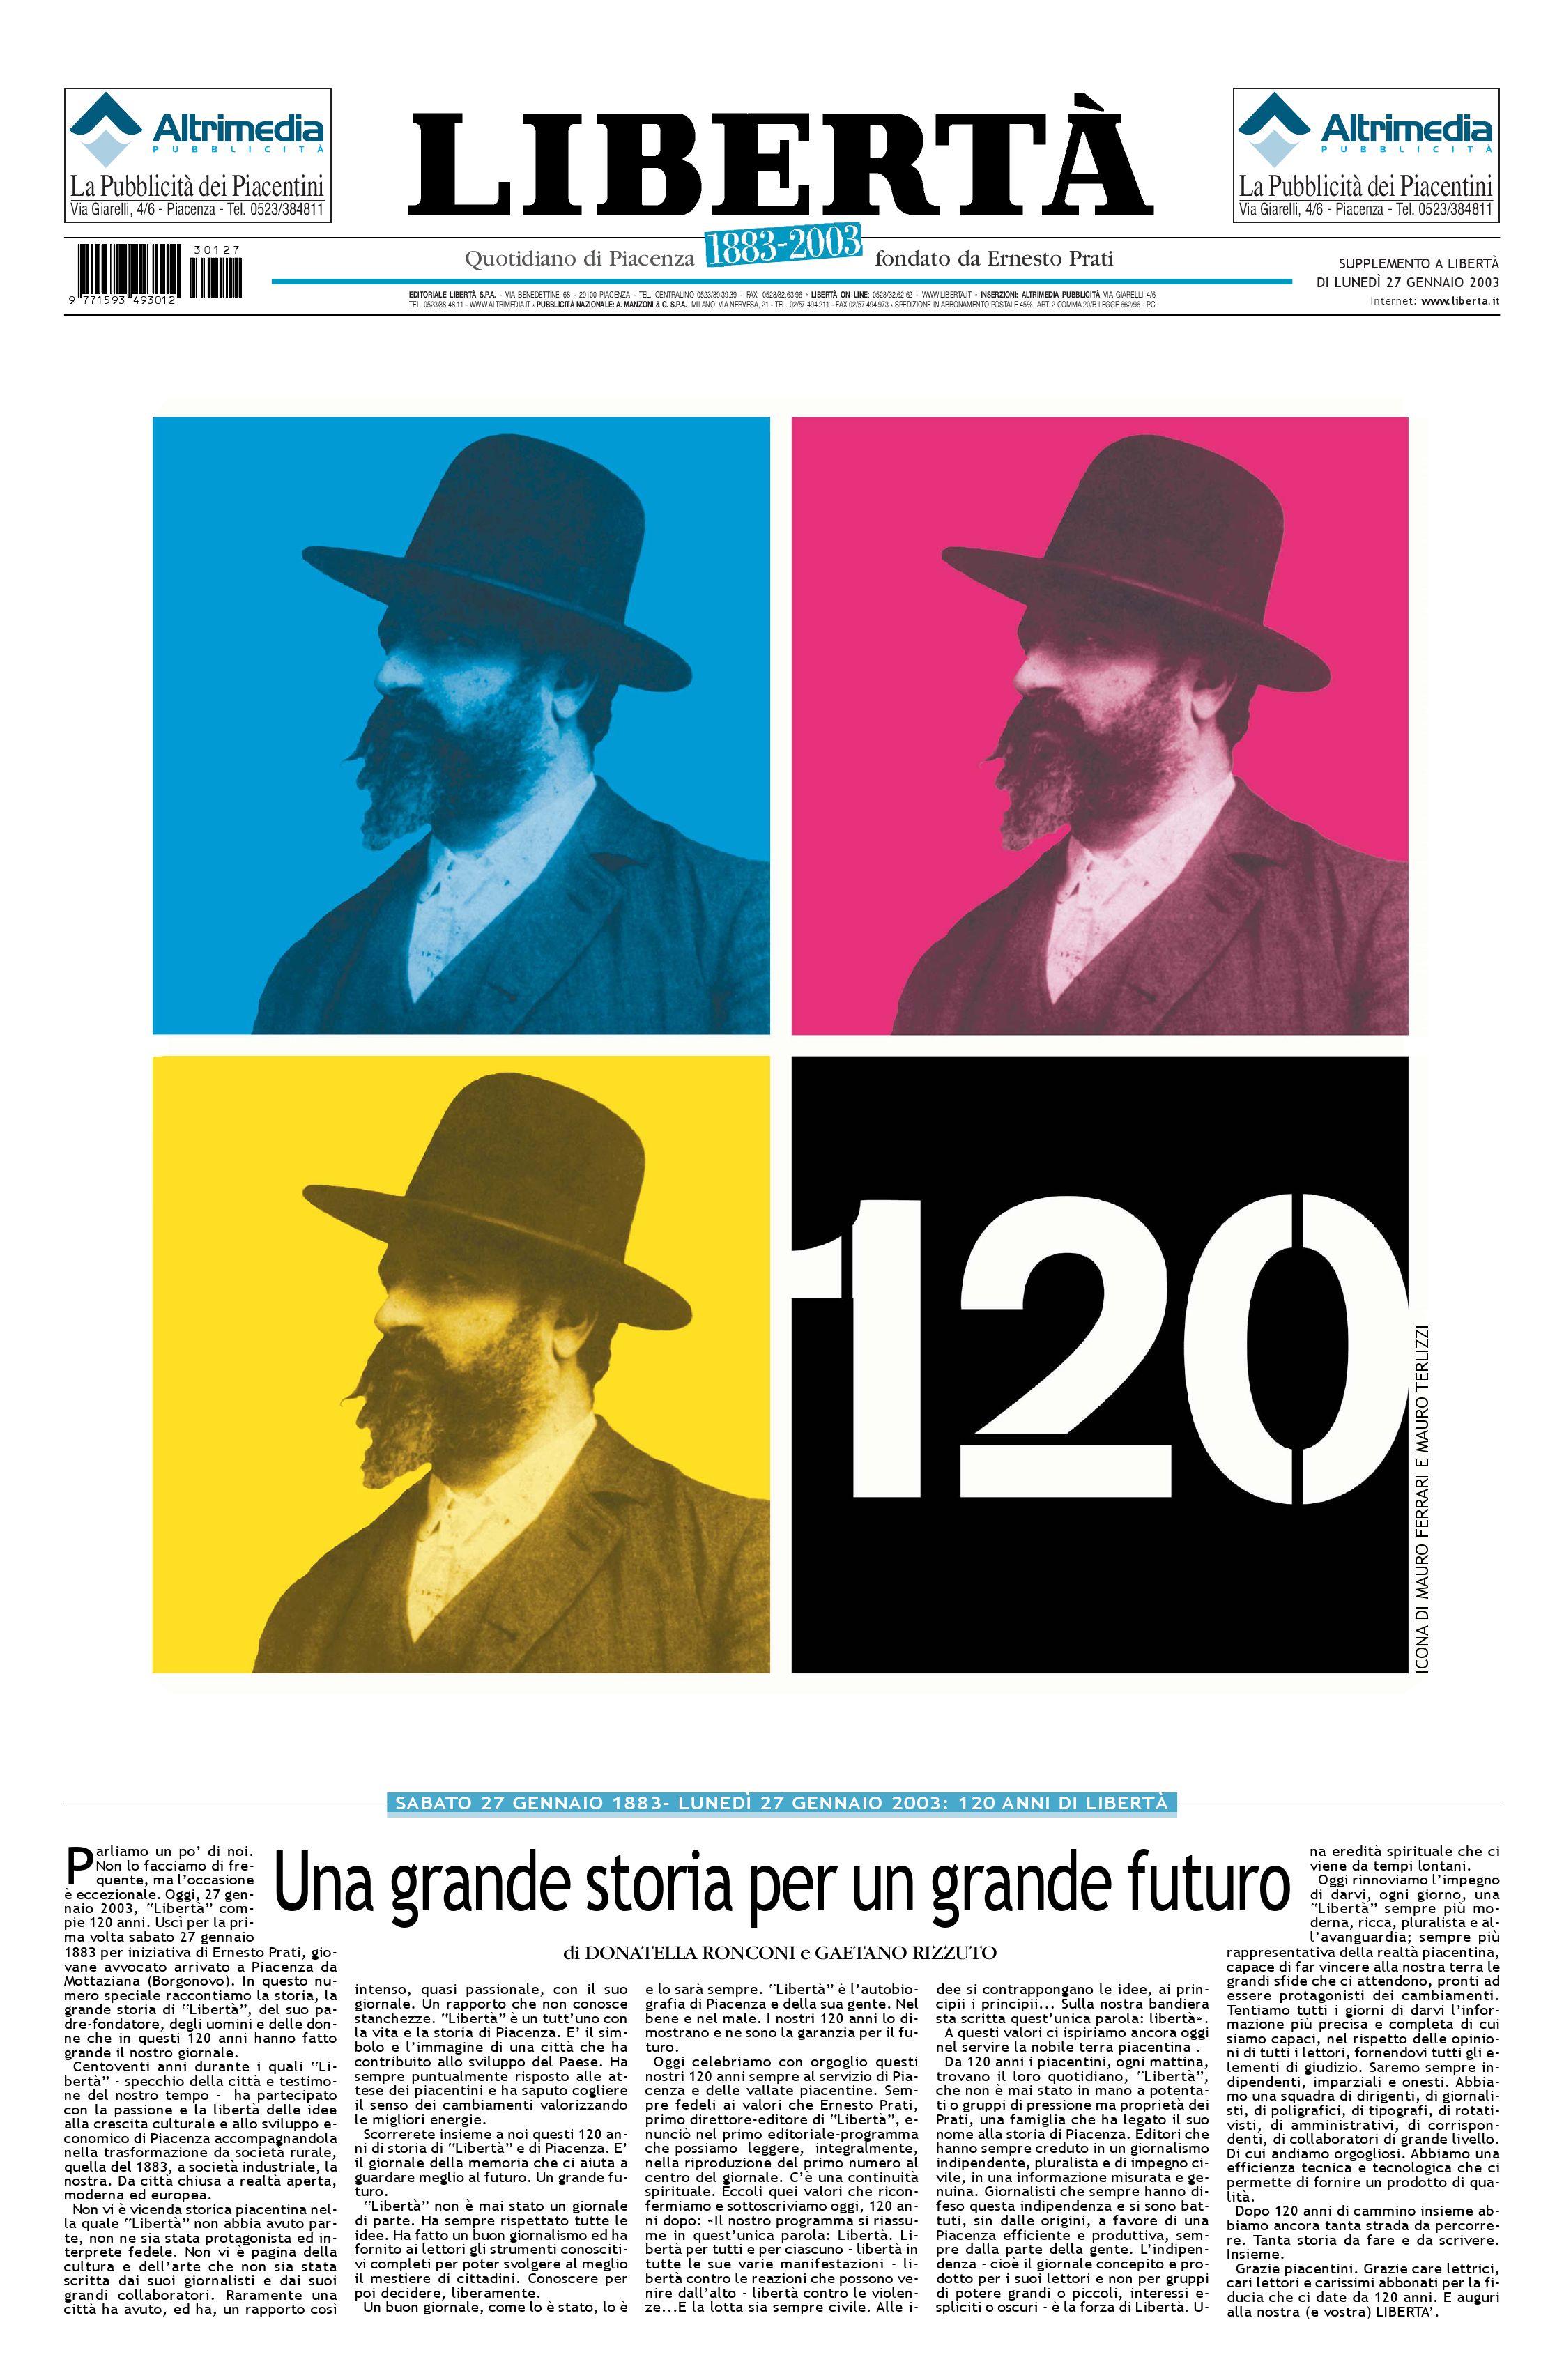 LIBERTA  - Speciale 120 anni by Liberta - issuu 3fc37901582d